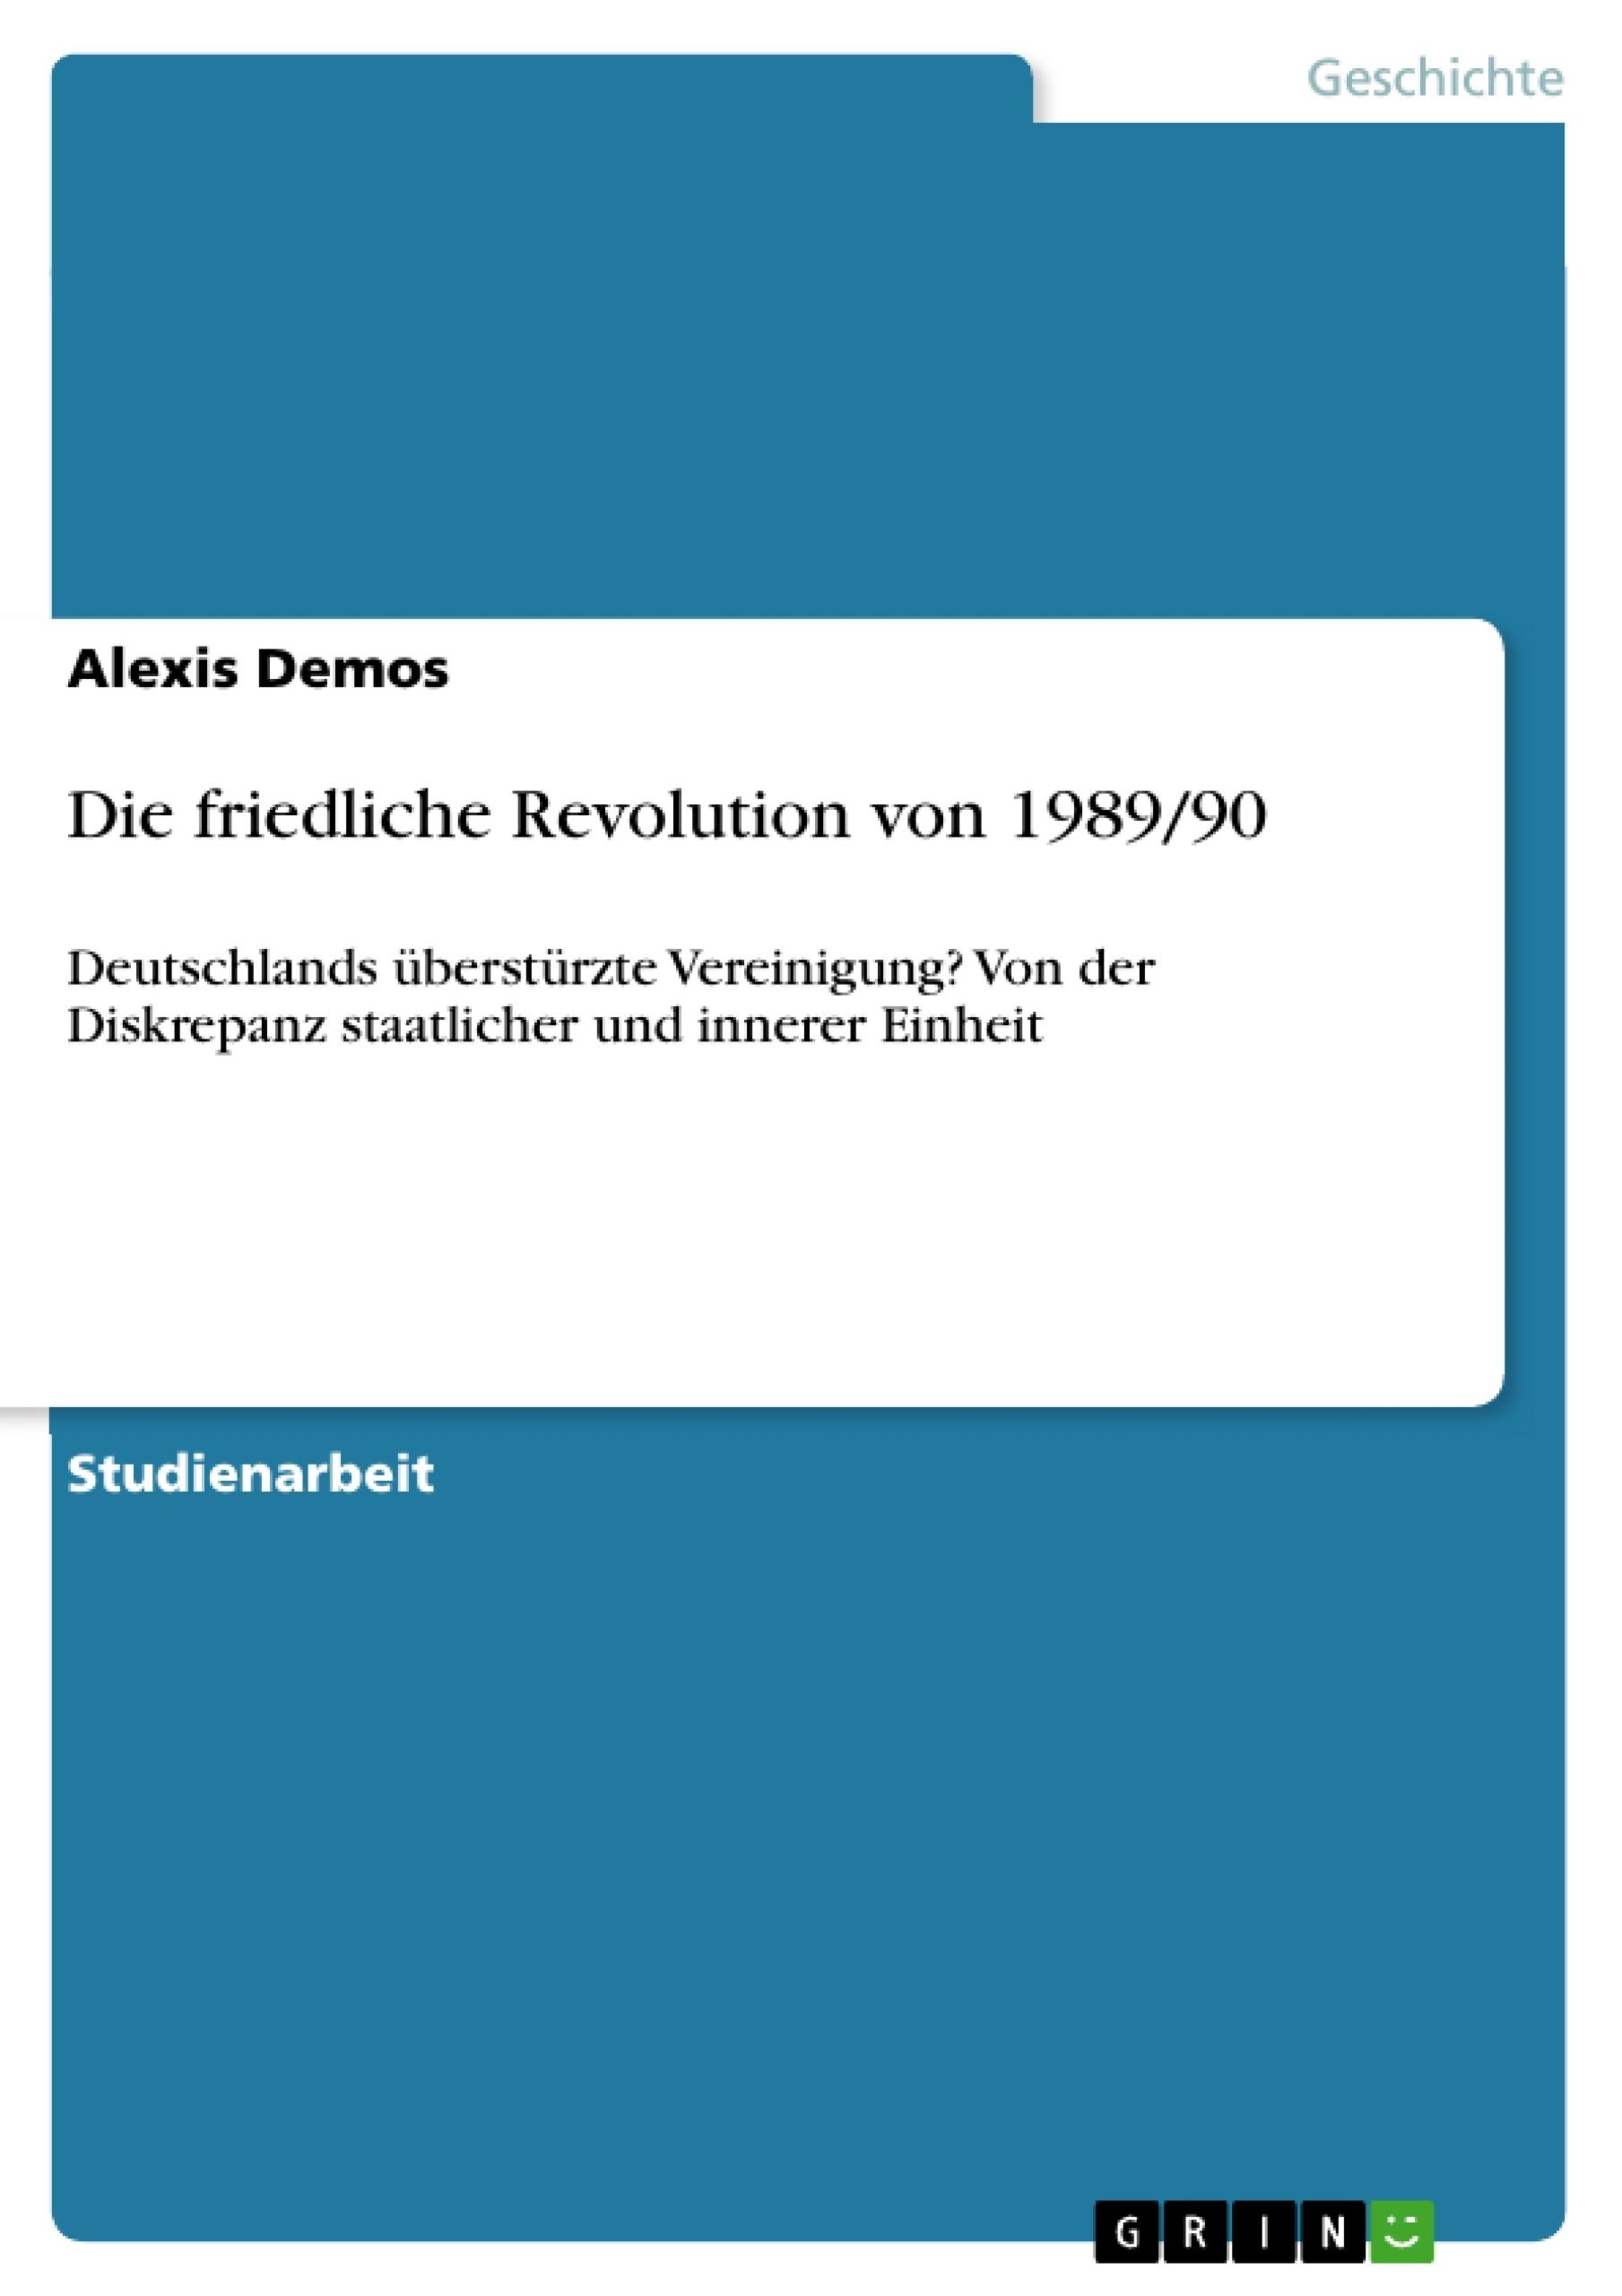 Titel: Die friedliche Revolution von 1989/90